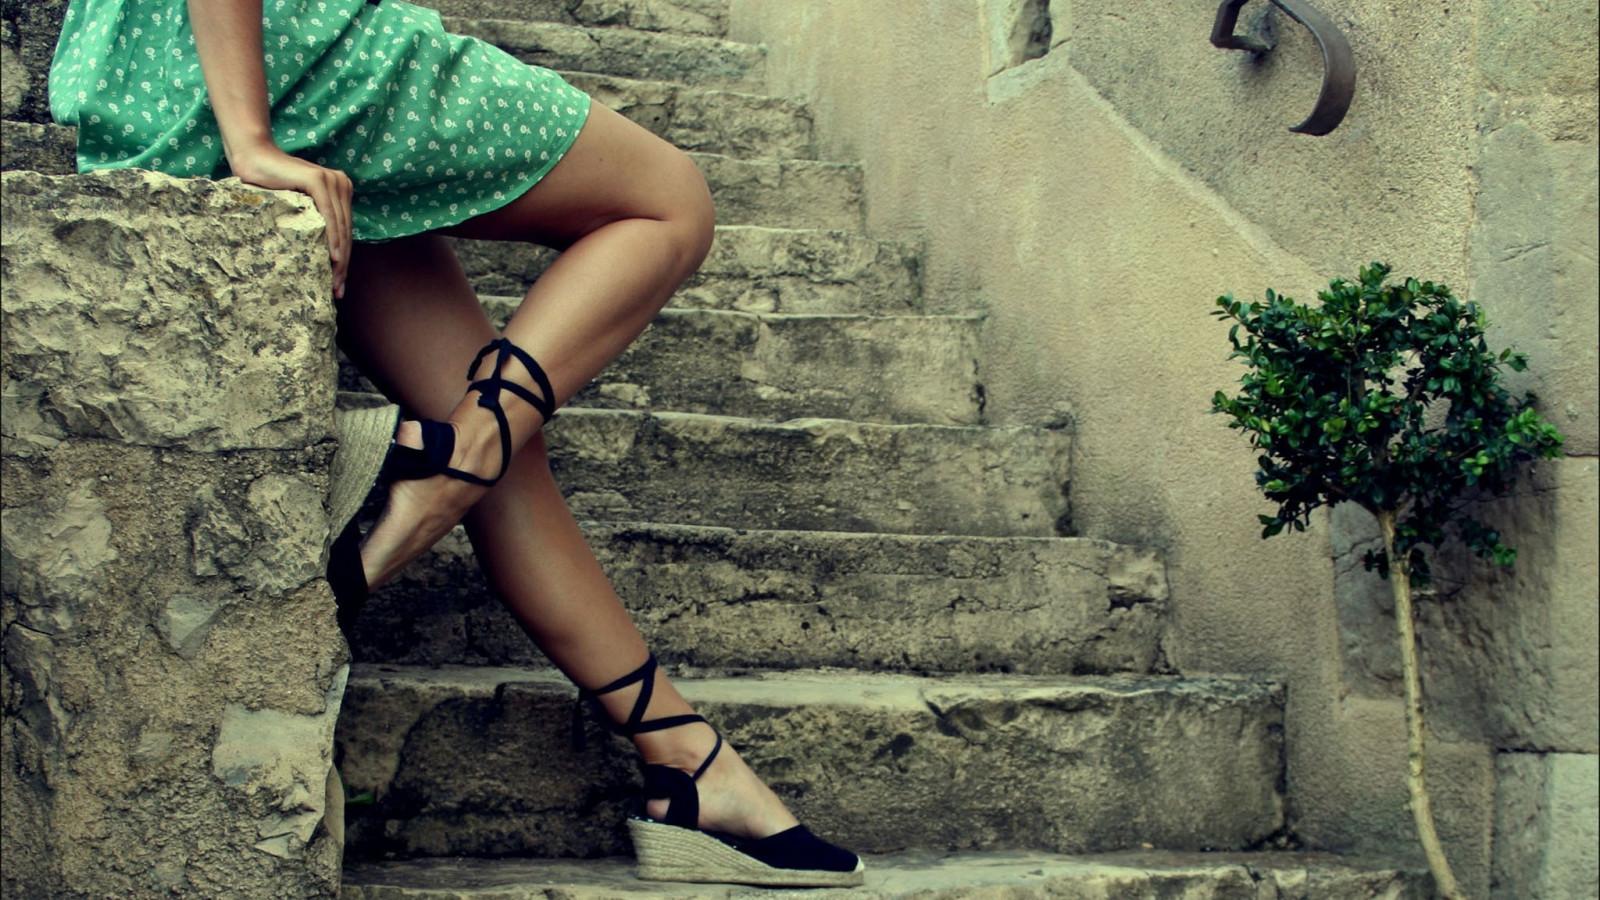 член красивые ноги ролики хд пригождается она очень